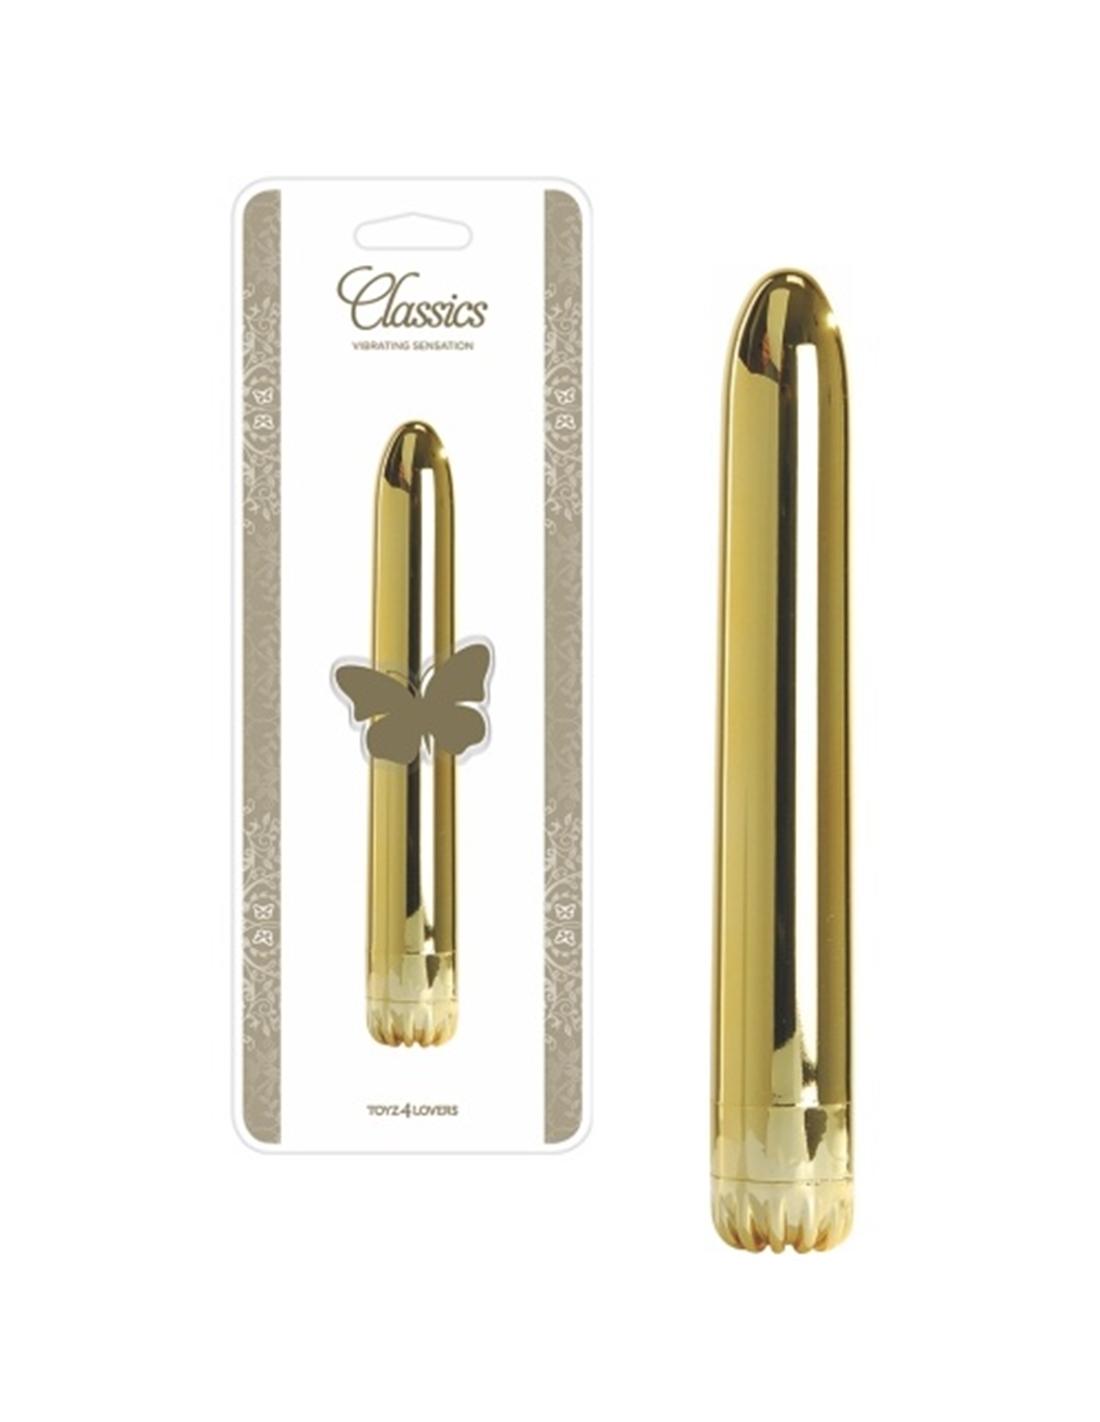 Vibrador Classics Dourado Médio - PR2010322082